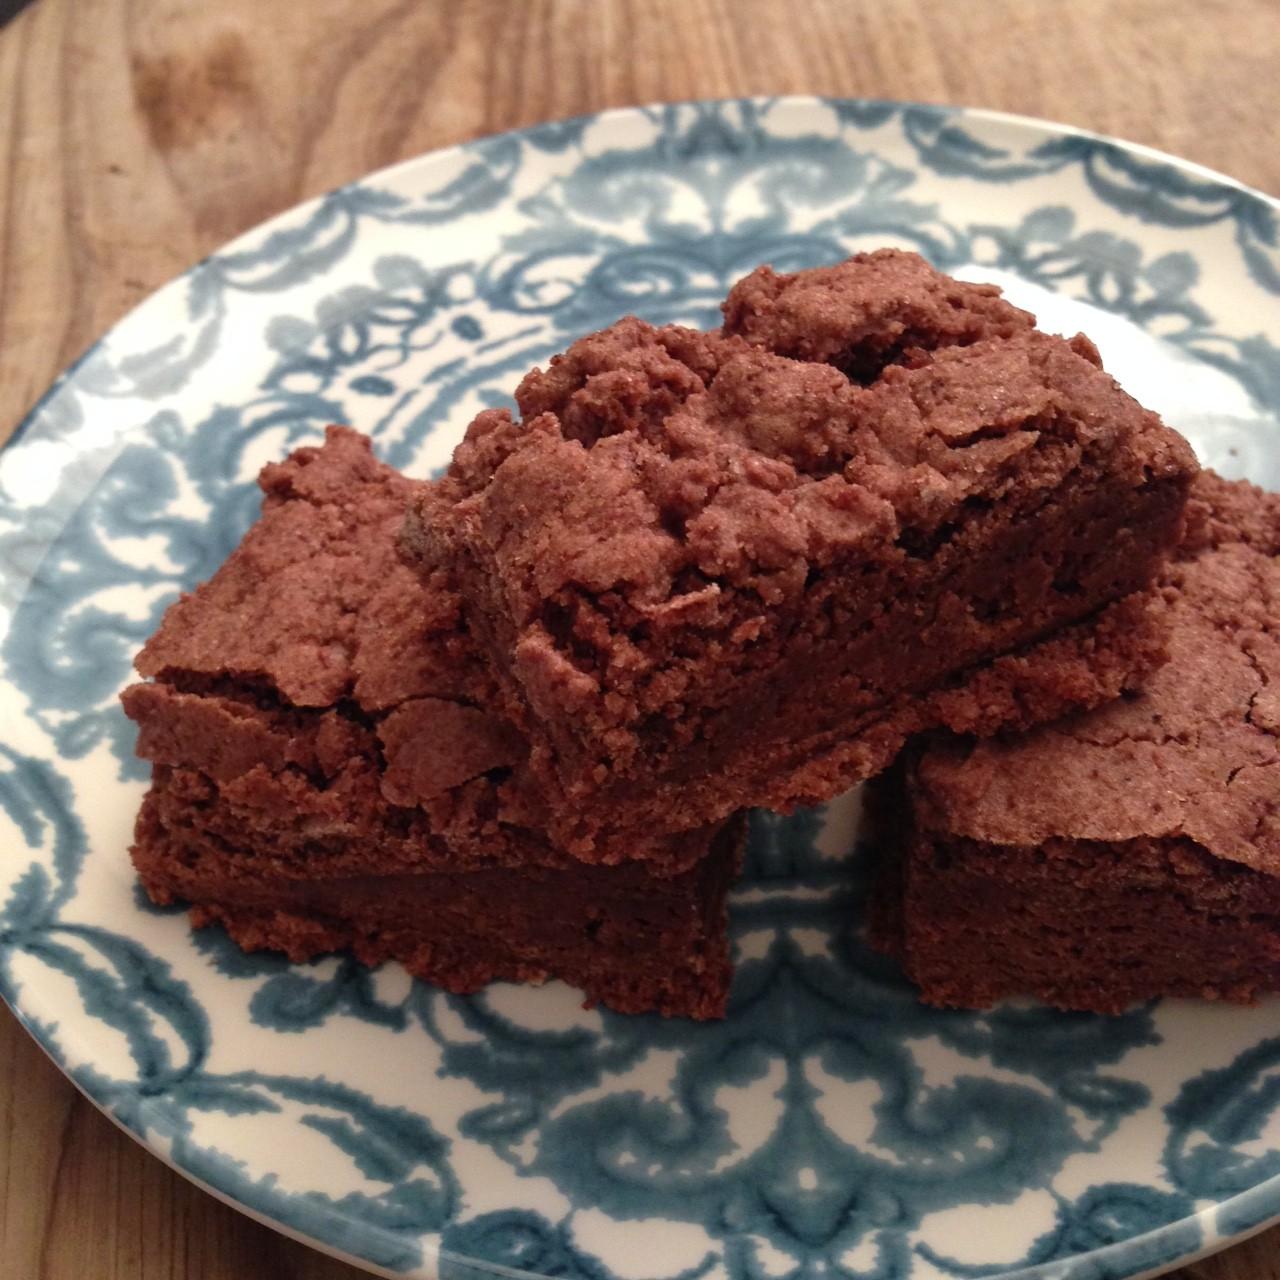 Chocolate fudge brownies. Need we say more?